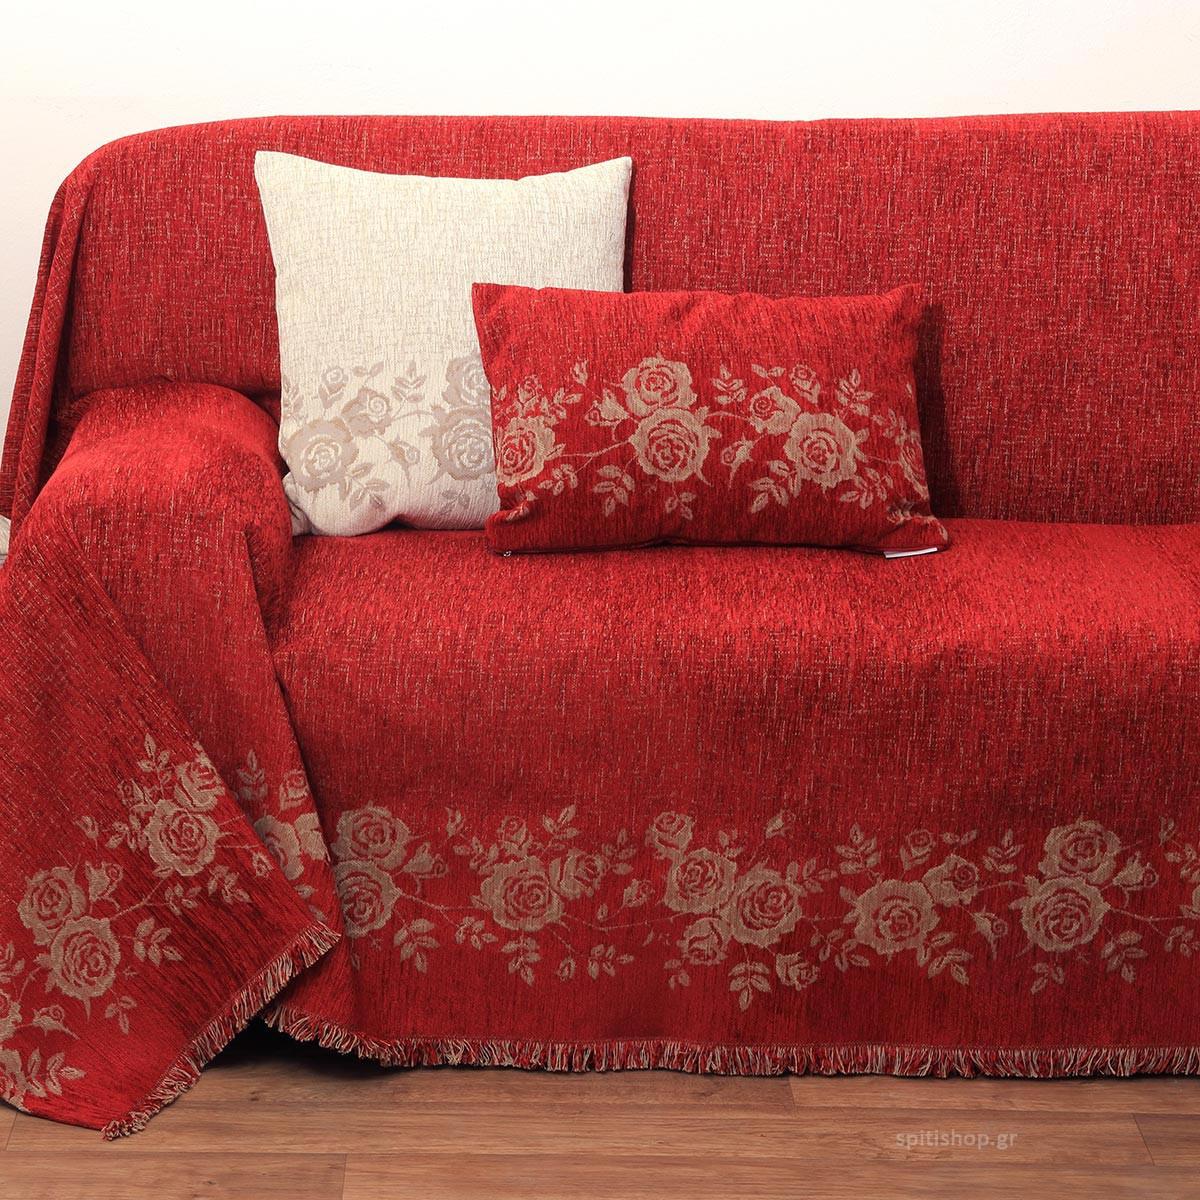 Ριχτάρι Τετραθέσιου (180×320) Anna Riska 1434 Red